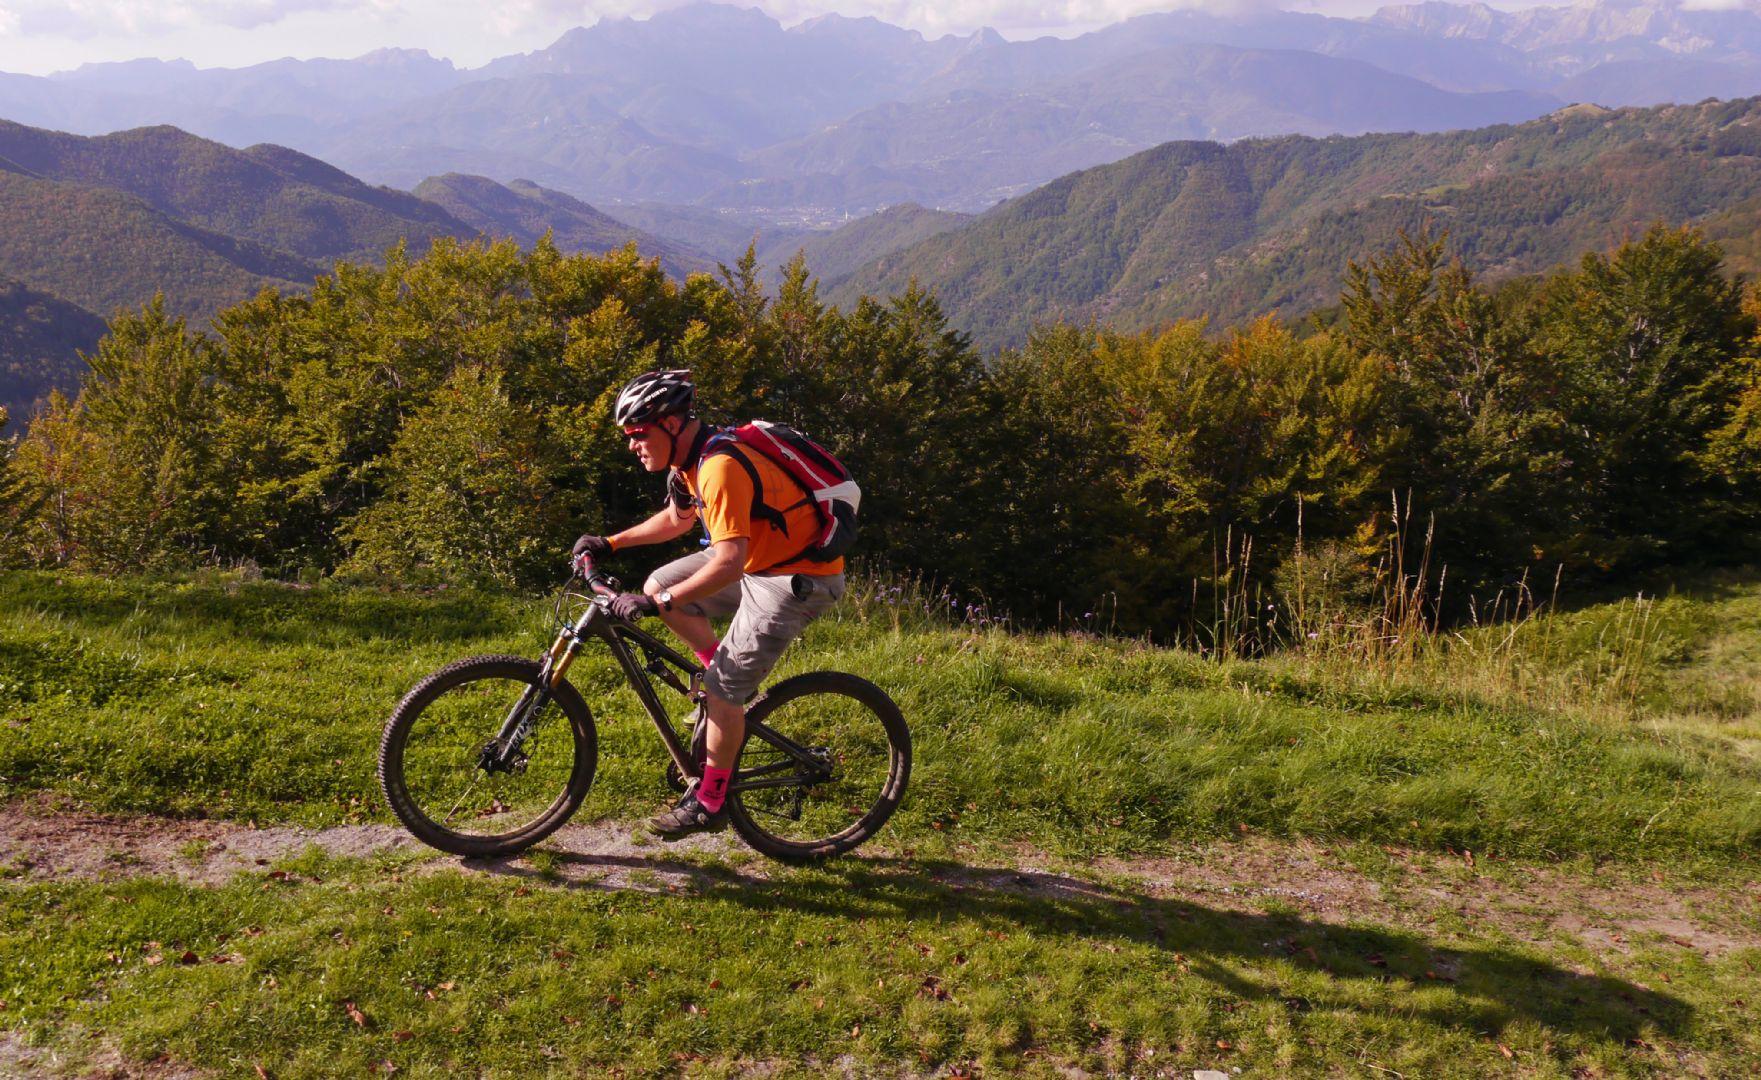 Early morning climbing.jpg - Italy - Via Francigena (Tuscany to Rome) - Mountain Biking